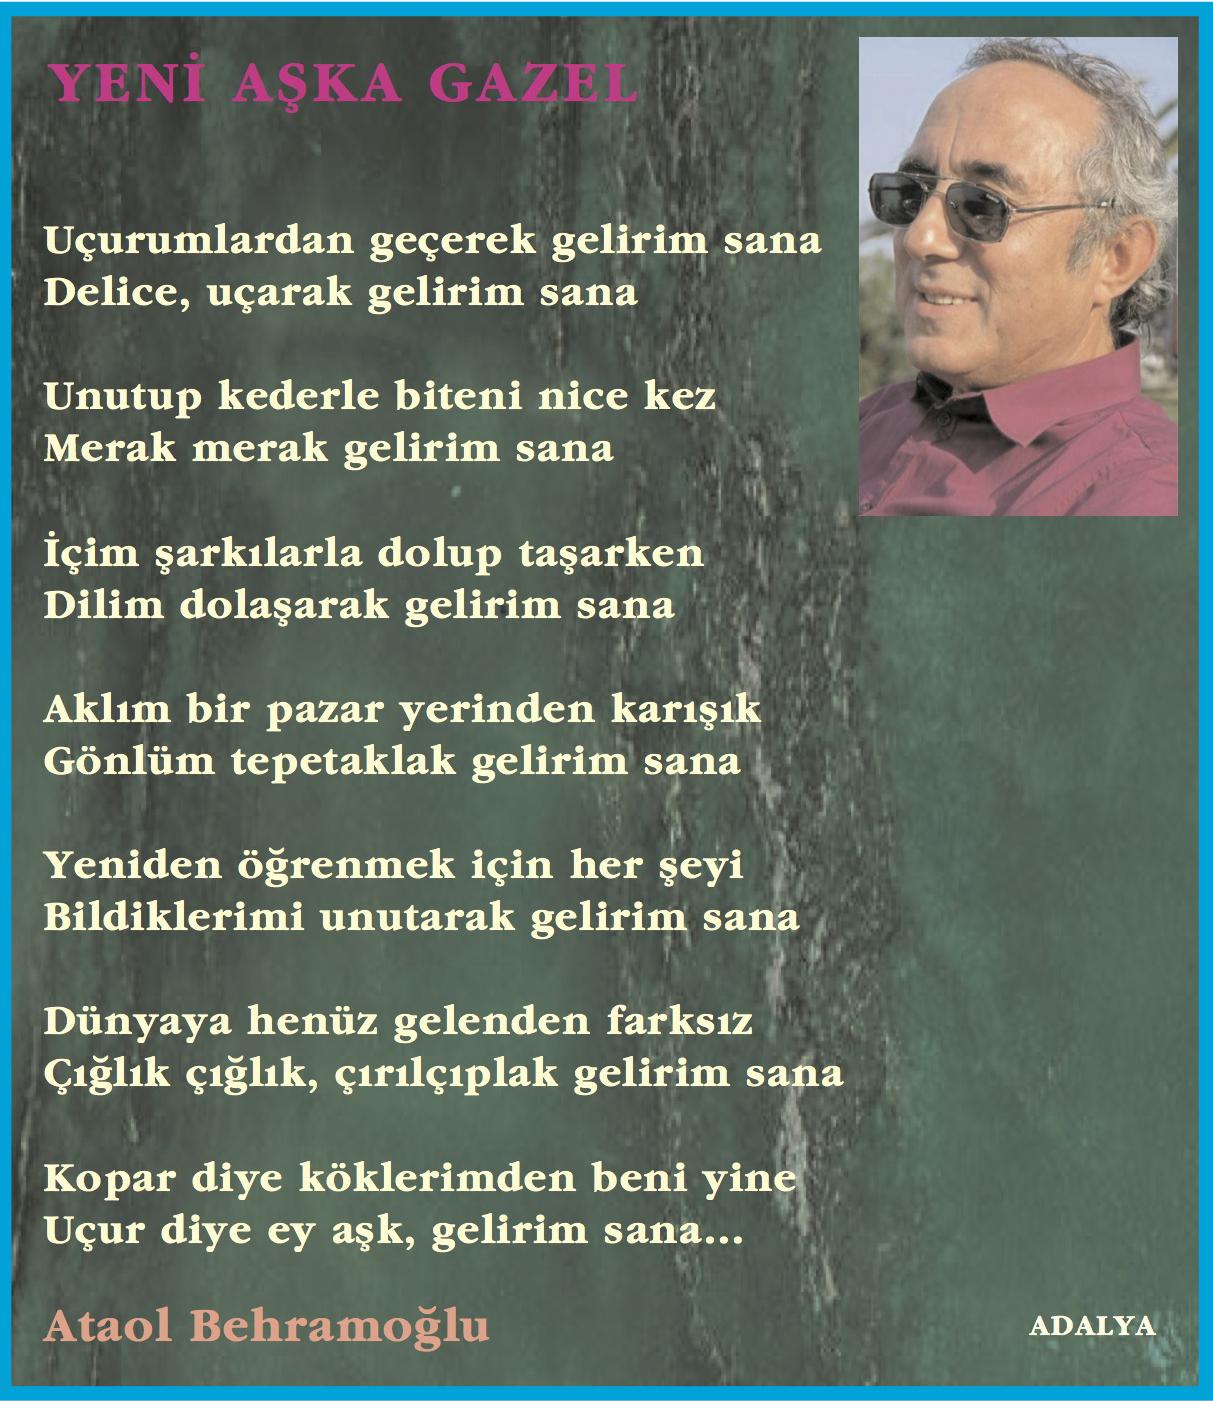 Ataol Behramoğlu Yeni Aşka Gazel Simge şiir Edebiyat